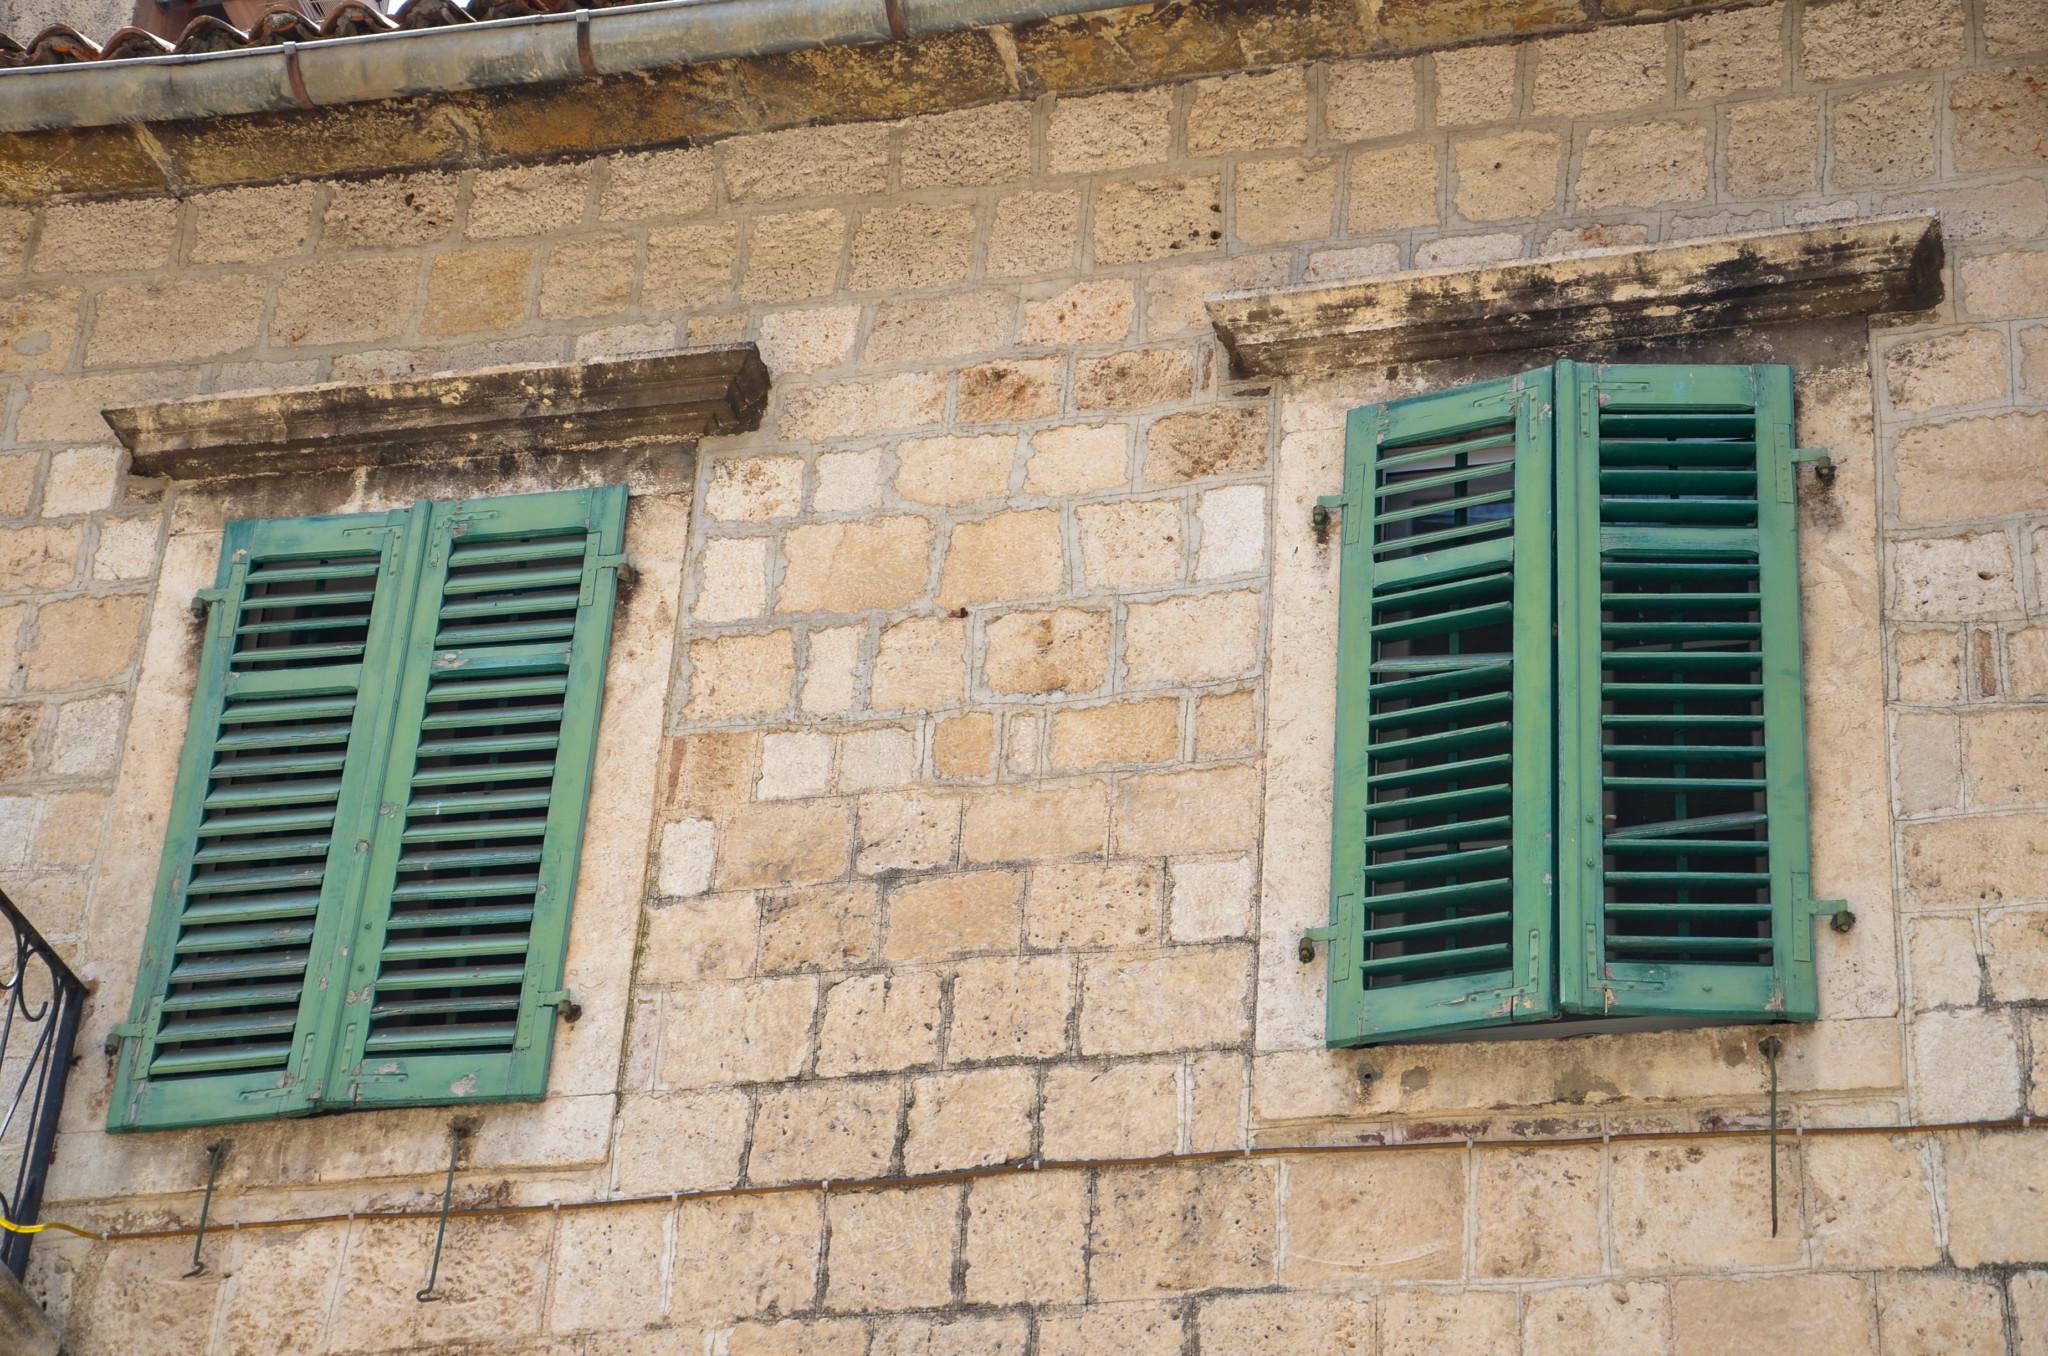 Der Palast Palata Pima in der Bucht von Kotor